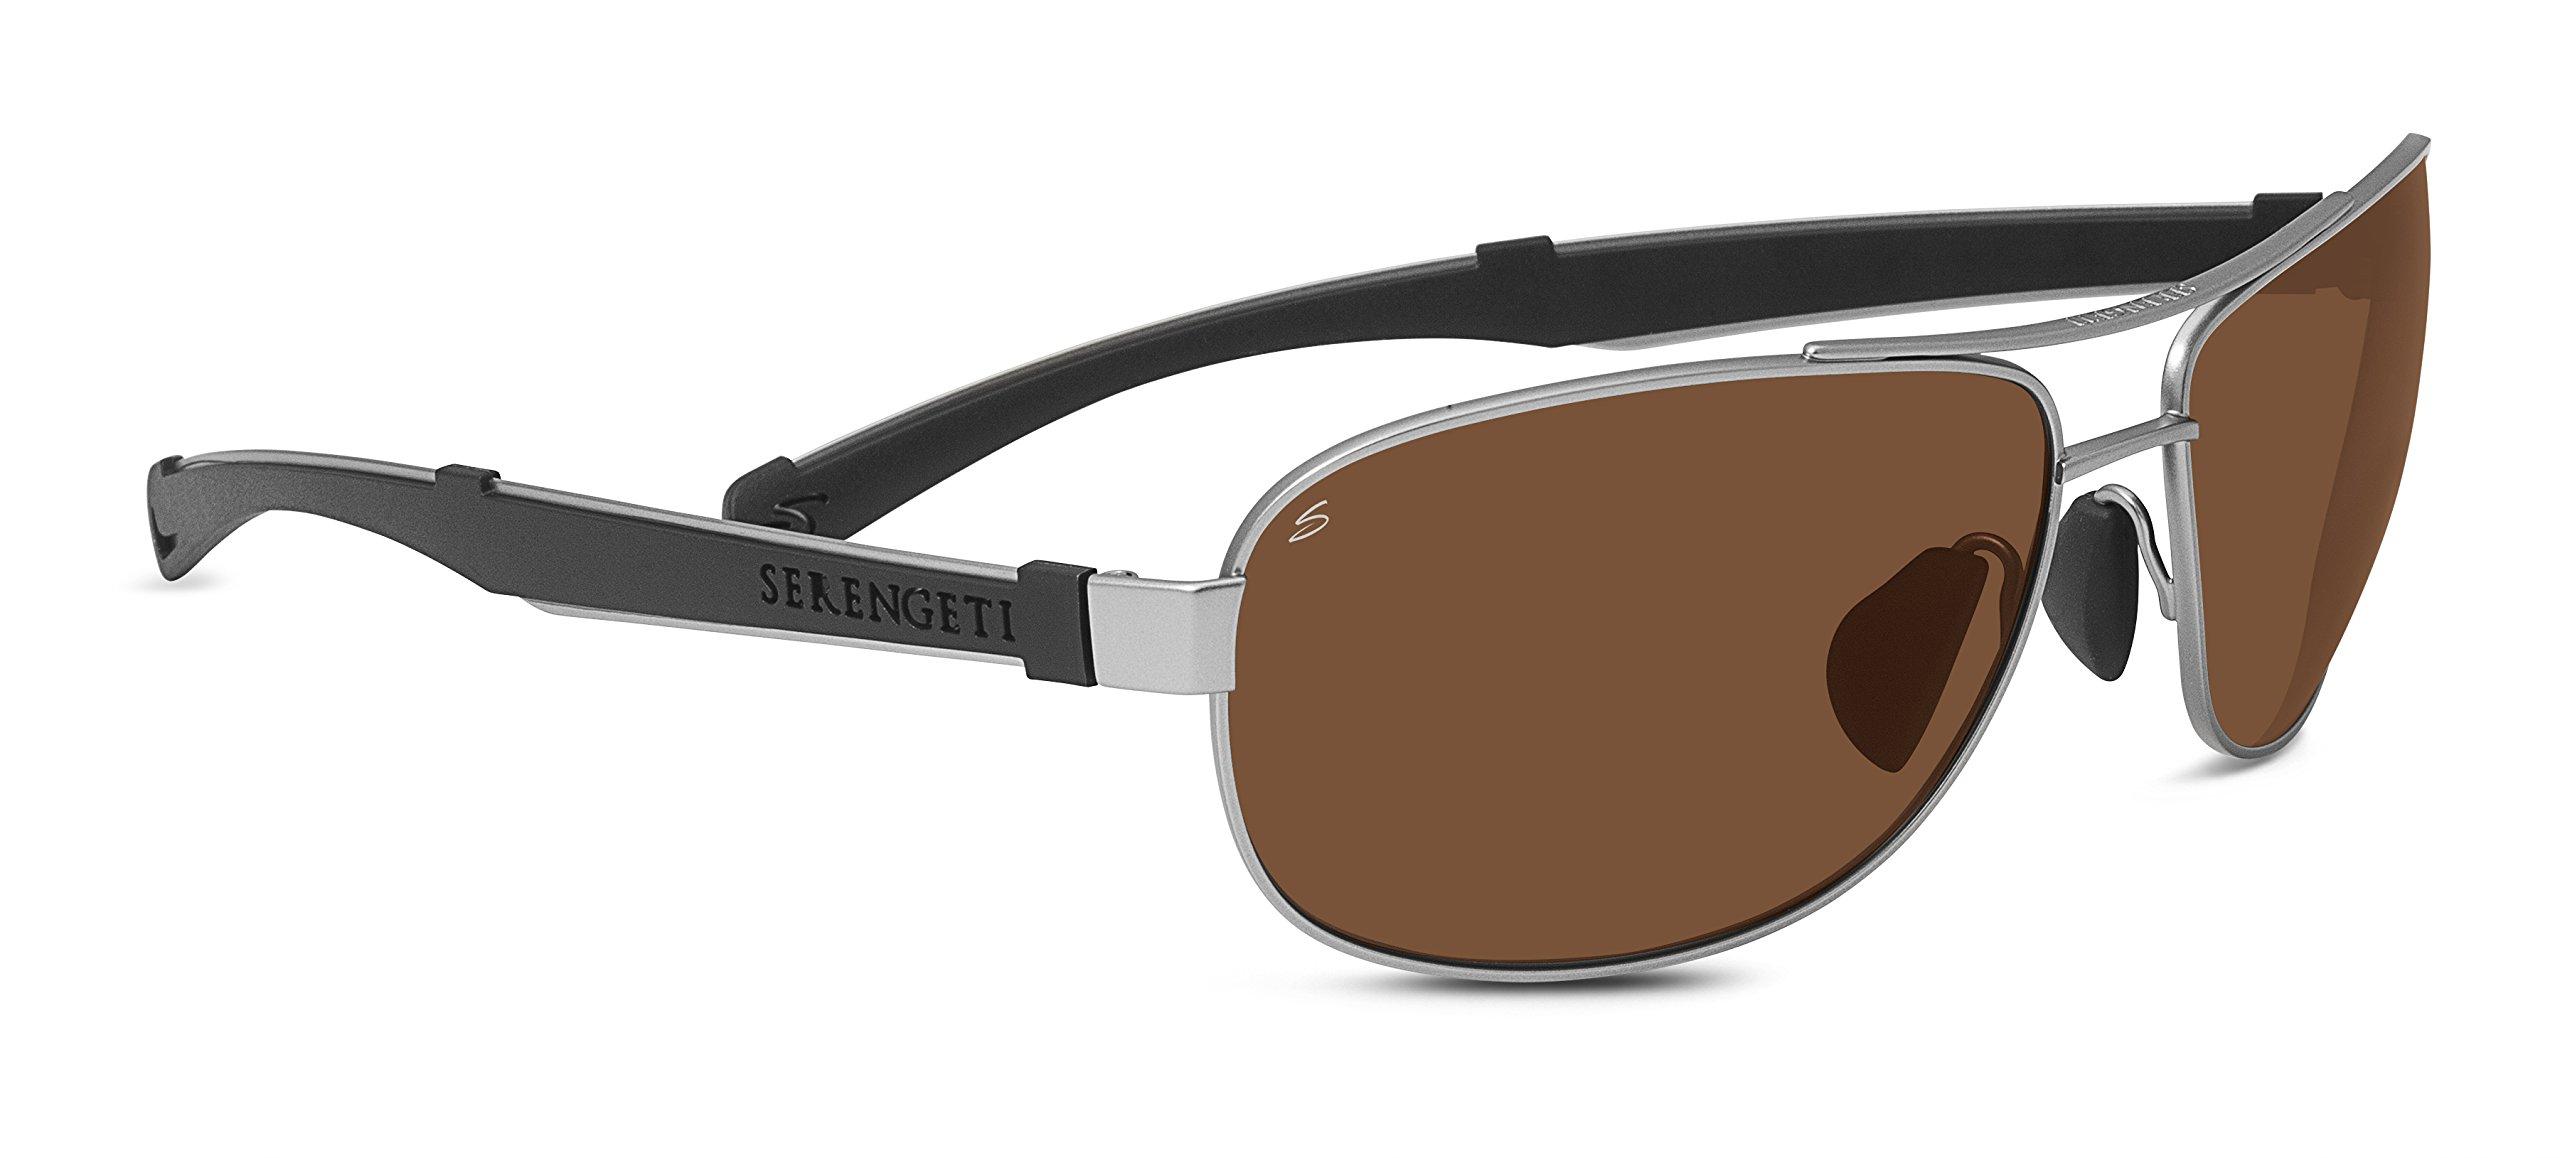 Serengeti Eyewear Sonnenbrille Norcia - Gafas de Sol, Color ...